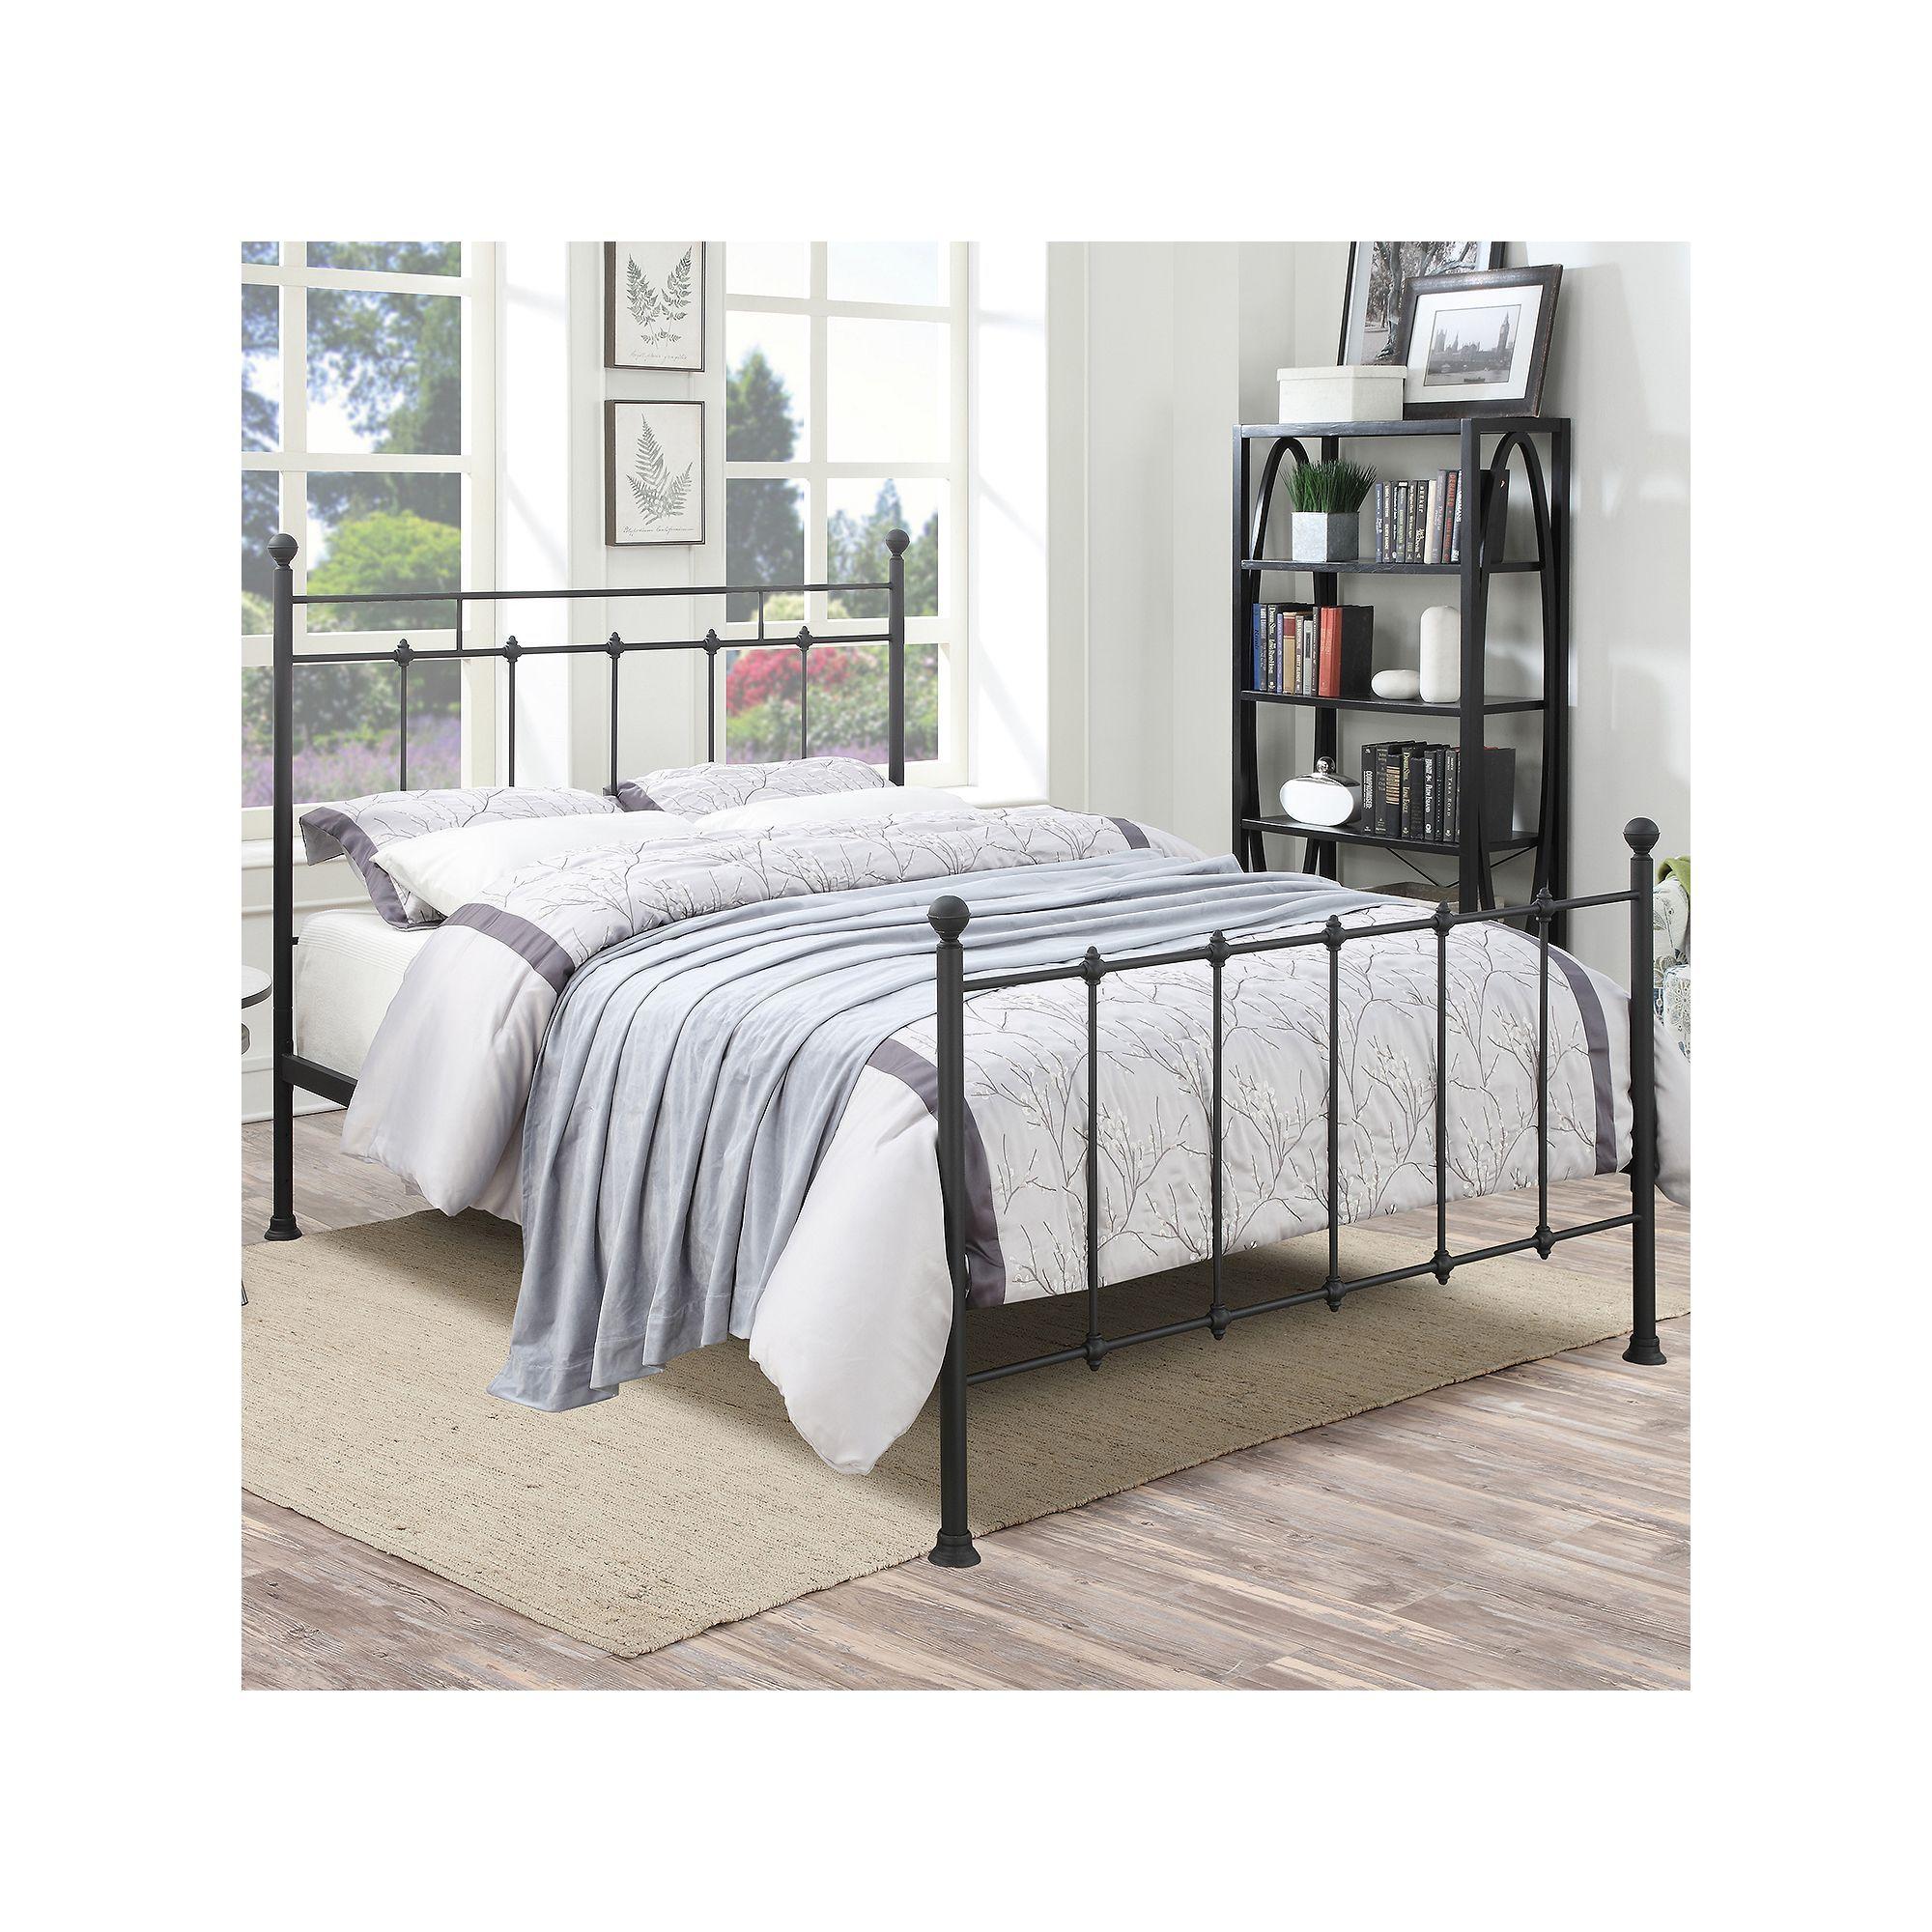 Pulaski All N One Queen Shaker Metal Bed Queen Metal Bed Black Queen Bed Frame Metal Beds